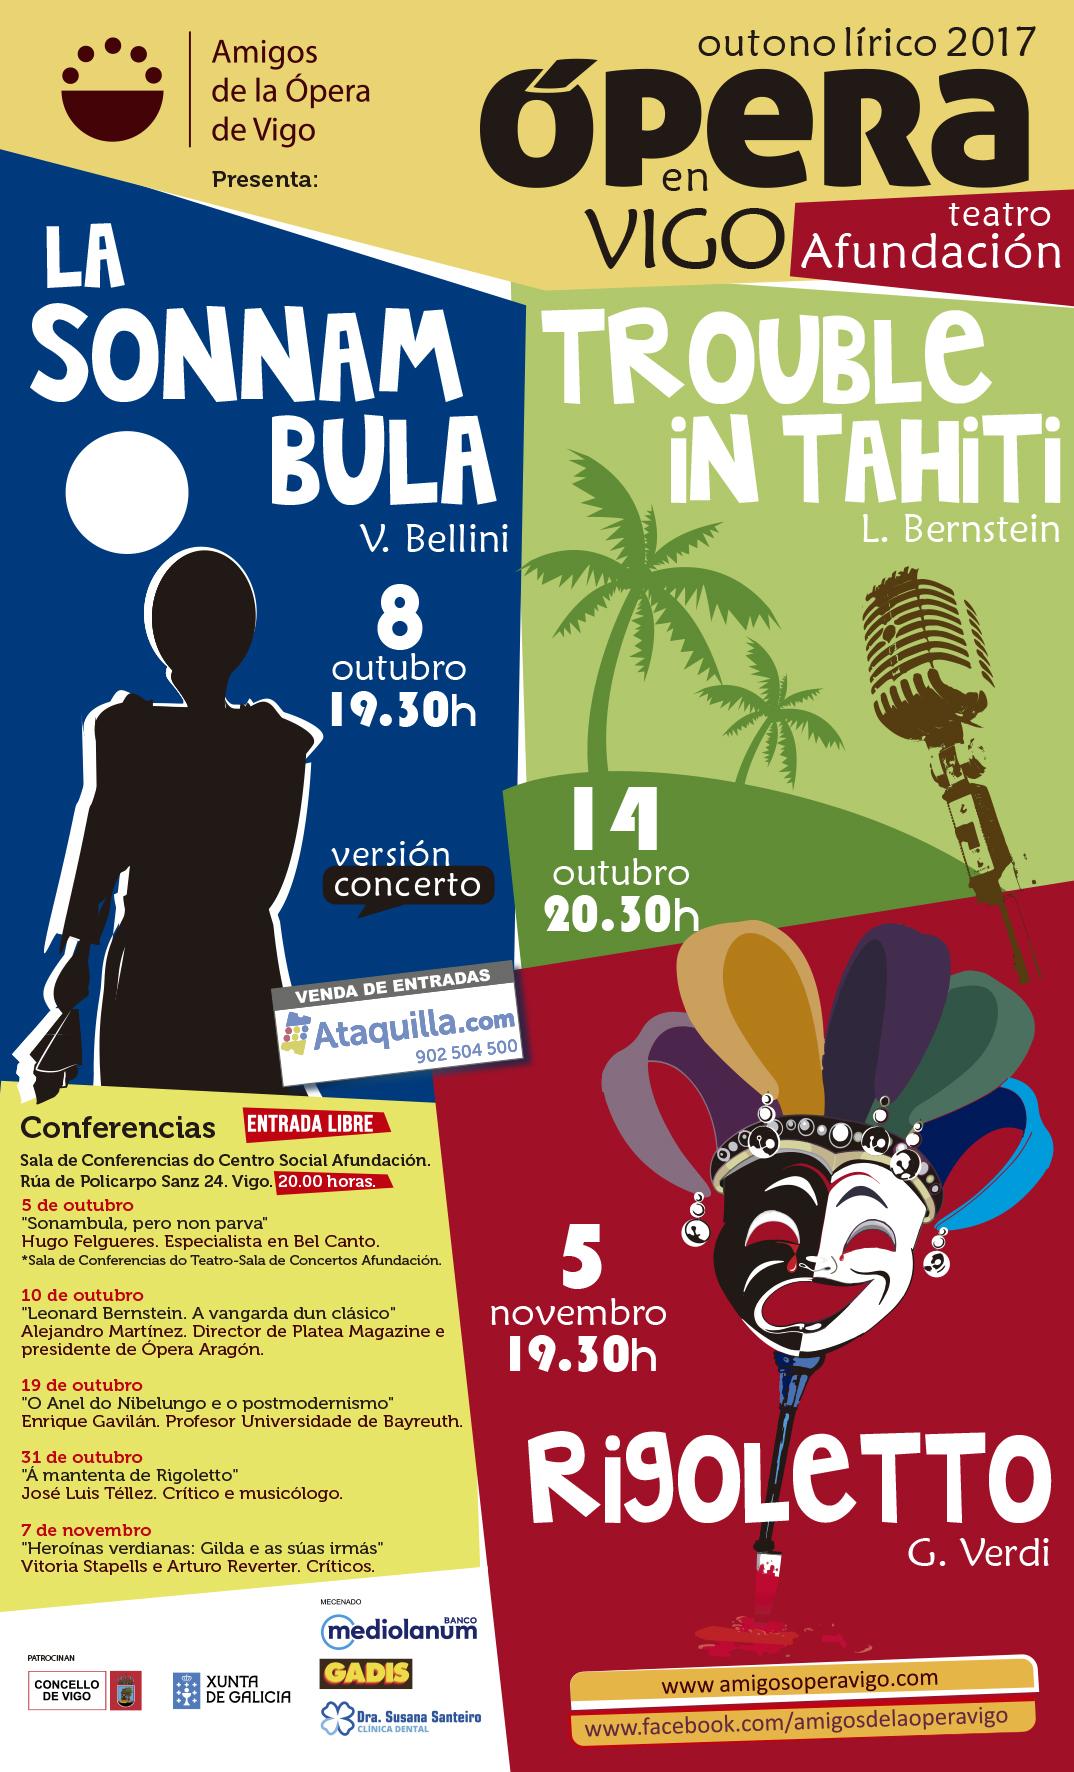 Opera World.Avance del Outono Lírico de la Asociación de Amigos de la Ópera de Vigo